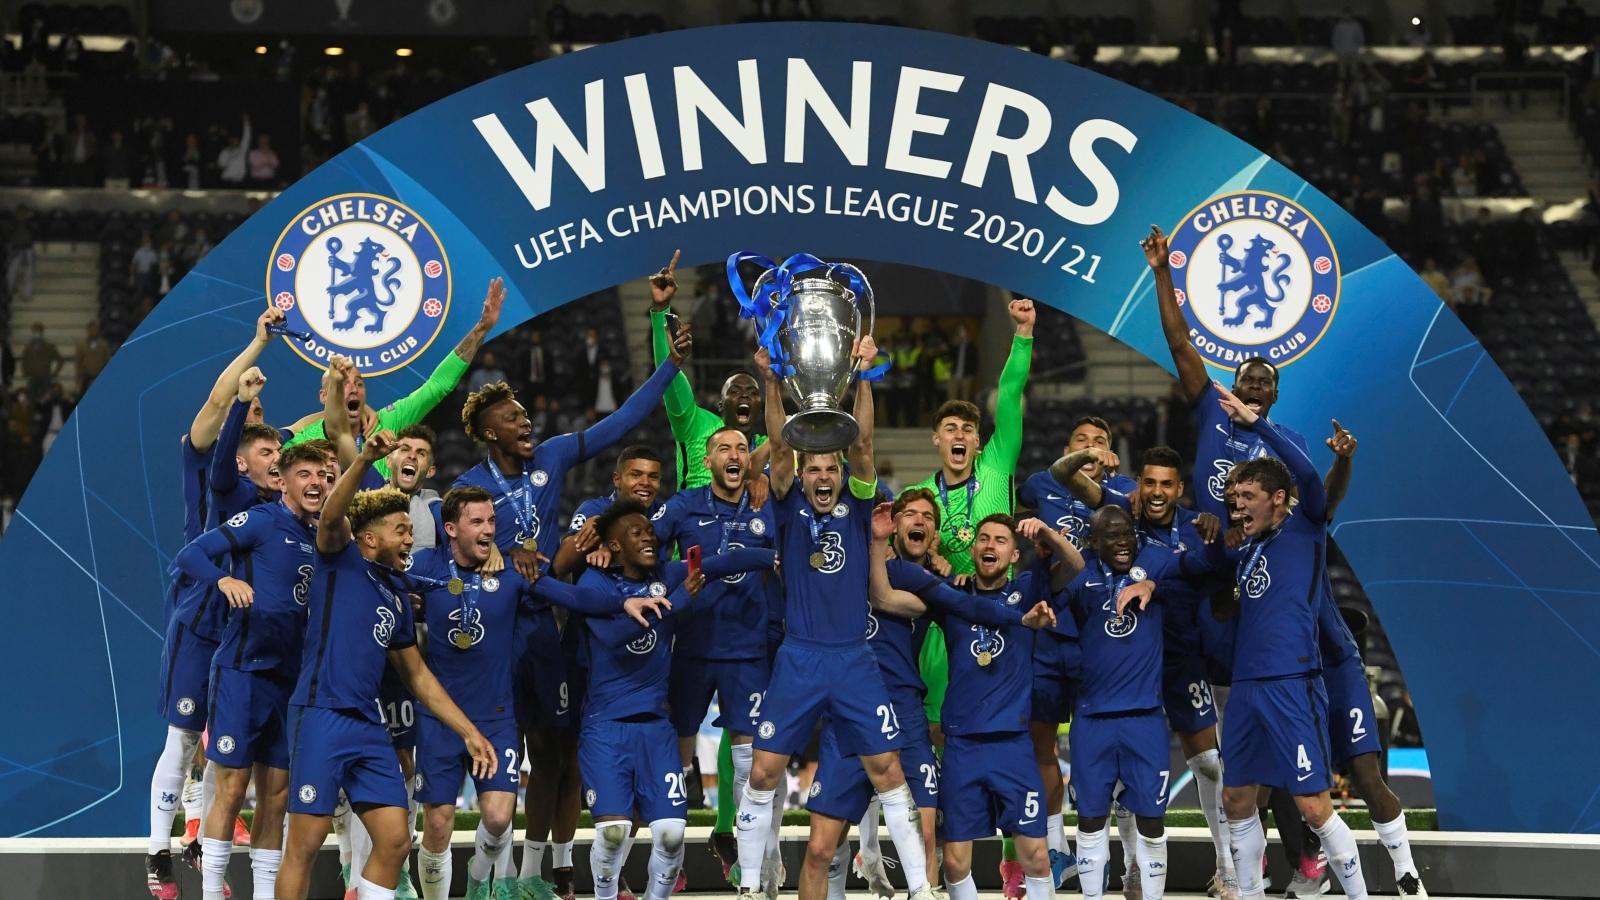 """Toàn cảnh: Man City """"bất lực"""" nhìn Chelsea đăng quang ngôi vô địch Champions League"""